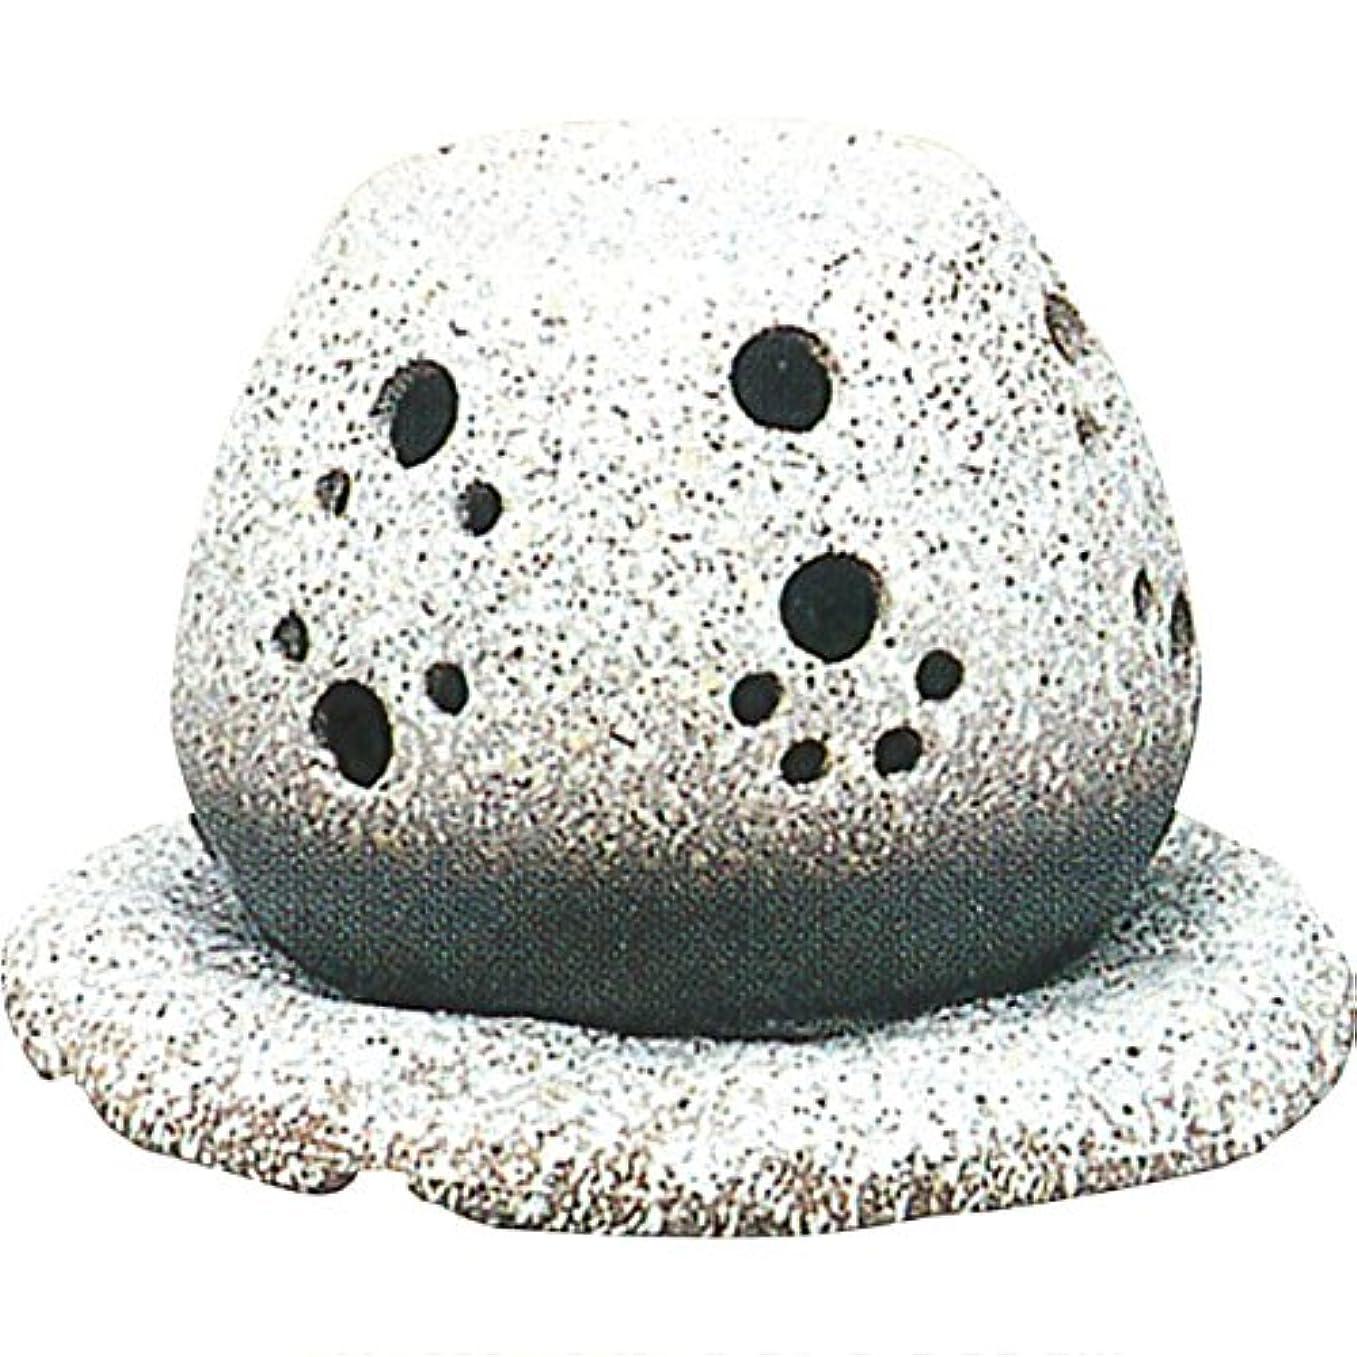 晴れ元気テセウス茶香炉 : 常滑焼 山房窯 ロウソクタイプ茶香炉 (白皿付?ロウソク1ヶ付)?ル35-05